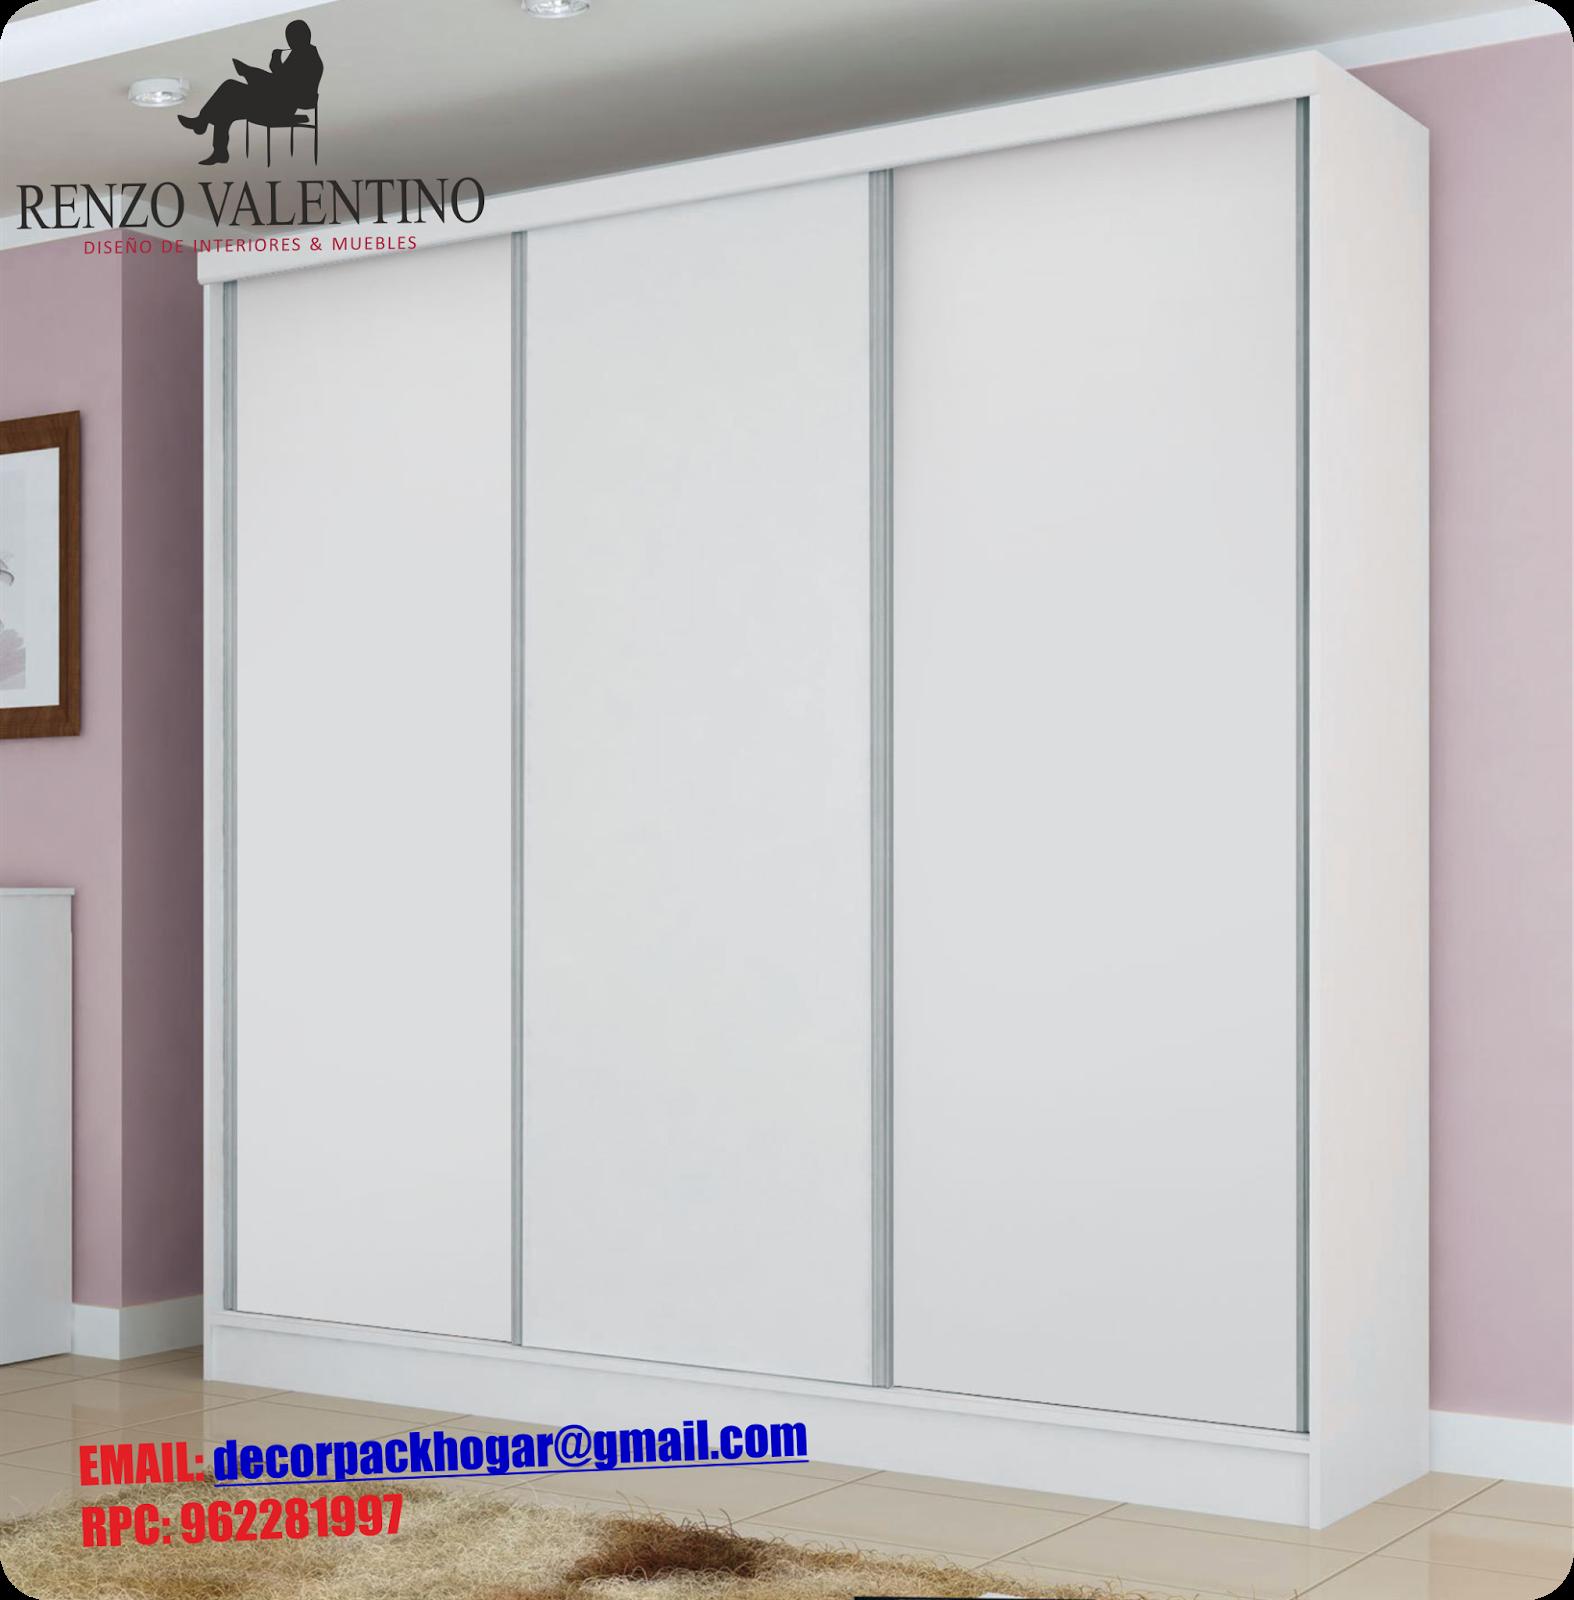 Dise os fabricacion de closet cocina y muebles de oficina - Roperos puertas correderas ...